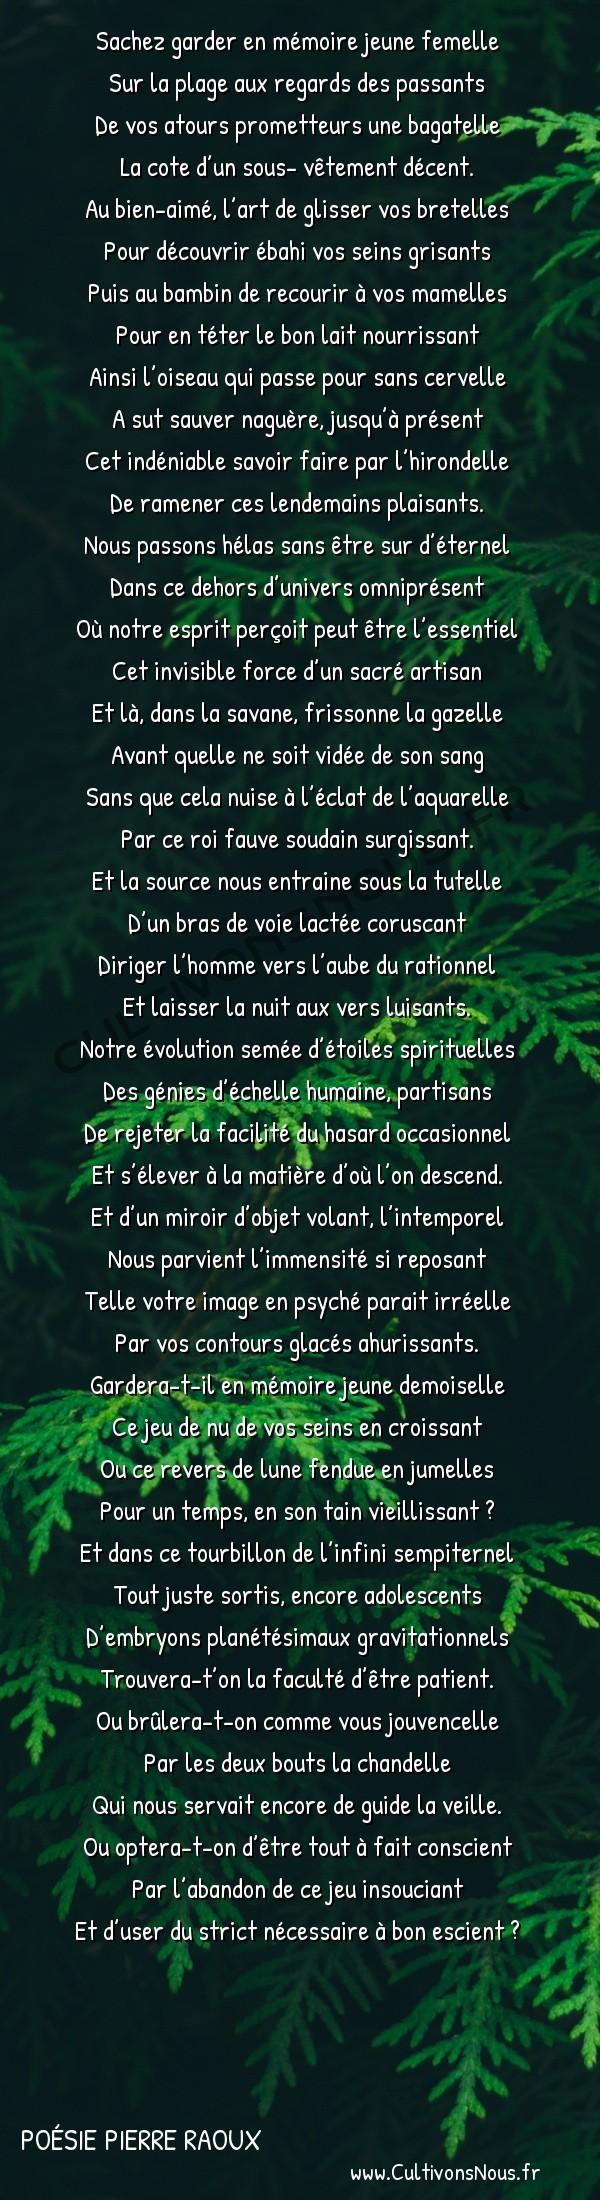 Poésies contemporaines - Poésie Pierre Raoux - Contre-jour -  Sachez garder en mémoire jeune femelle Sur la plage aux regards des passants